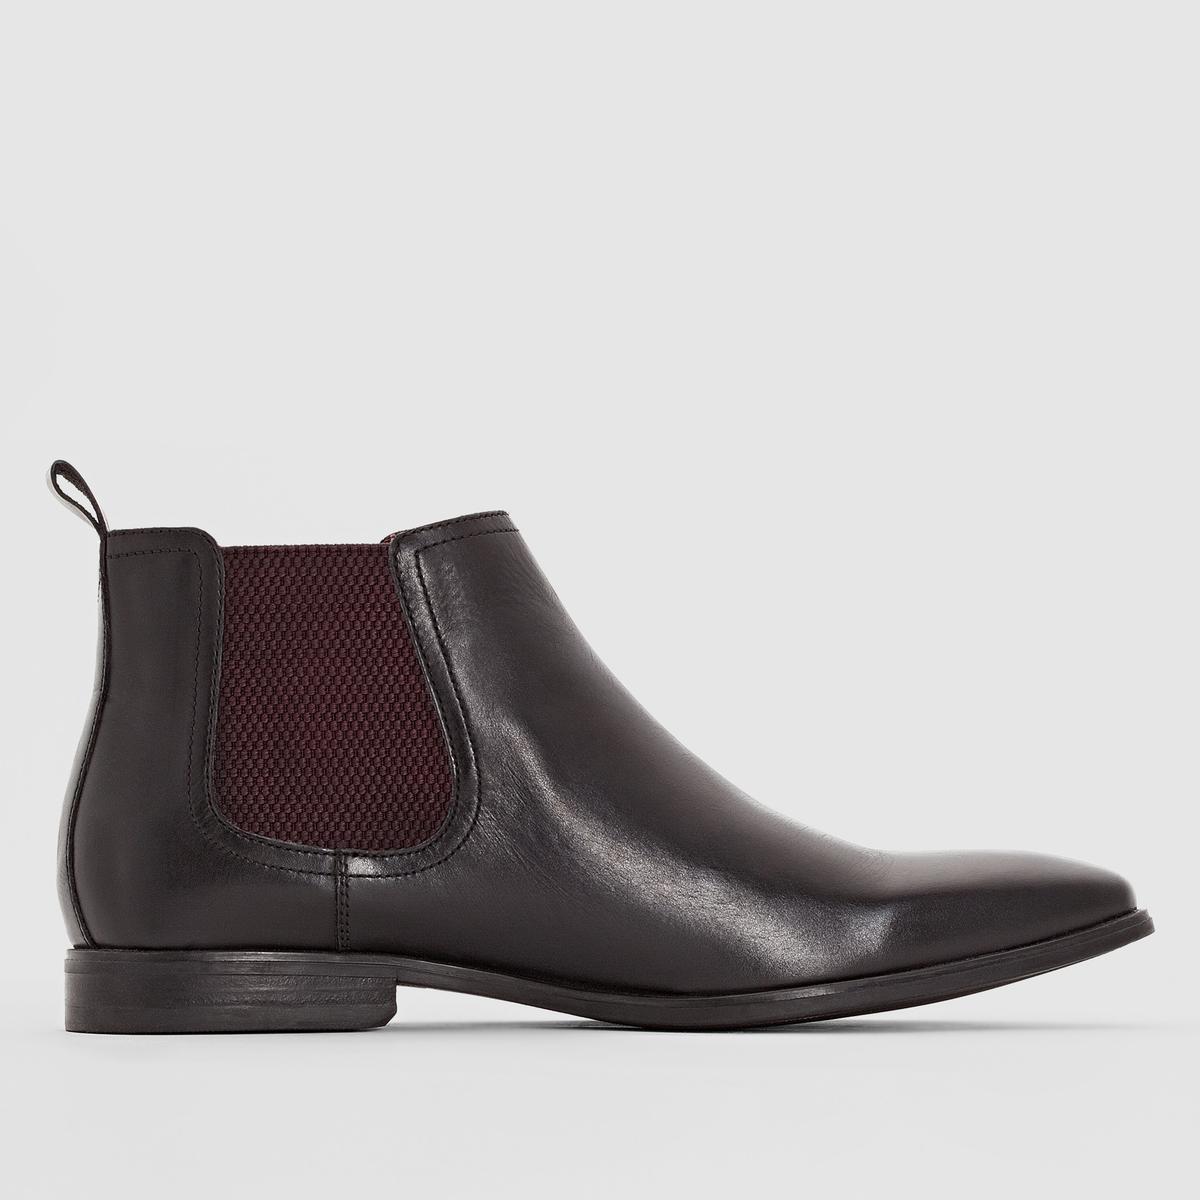 Ботильоны из кожи BASE LONDON WILLIAMПреимущества : ботильоны BASE LONDON в обновленном стиле челси для этого сезона, комфортные и удобные в носке  .<br><br>Цвет: черный